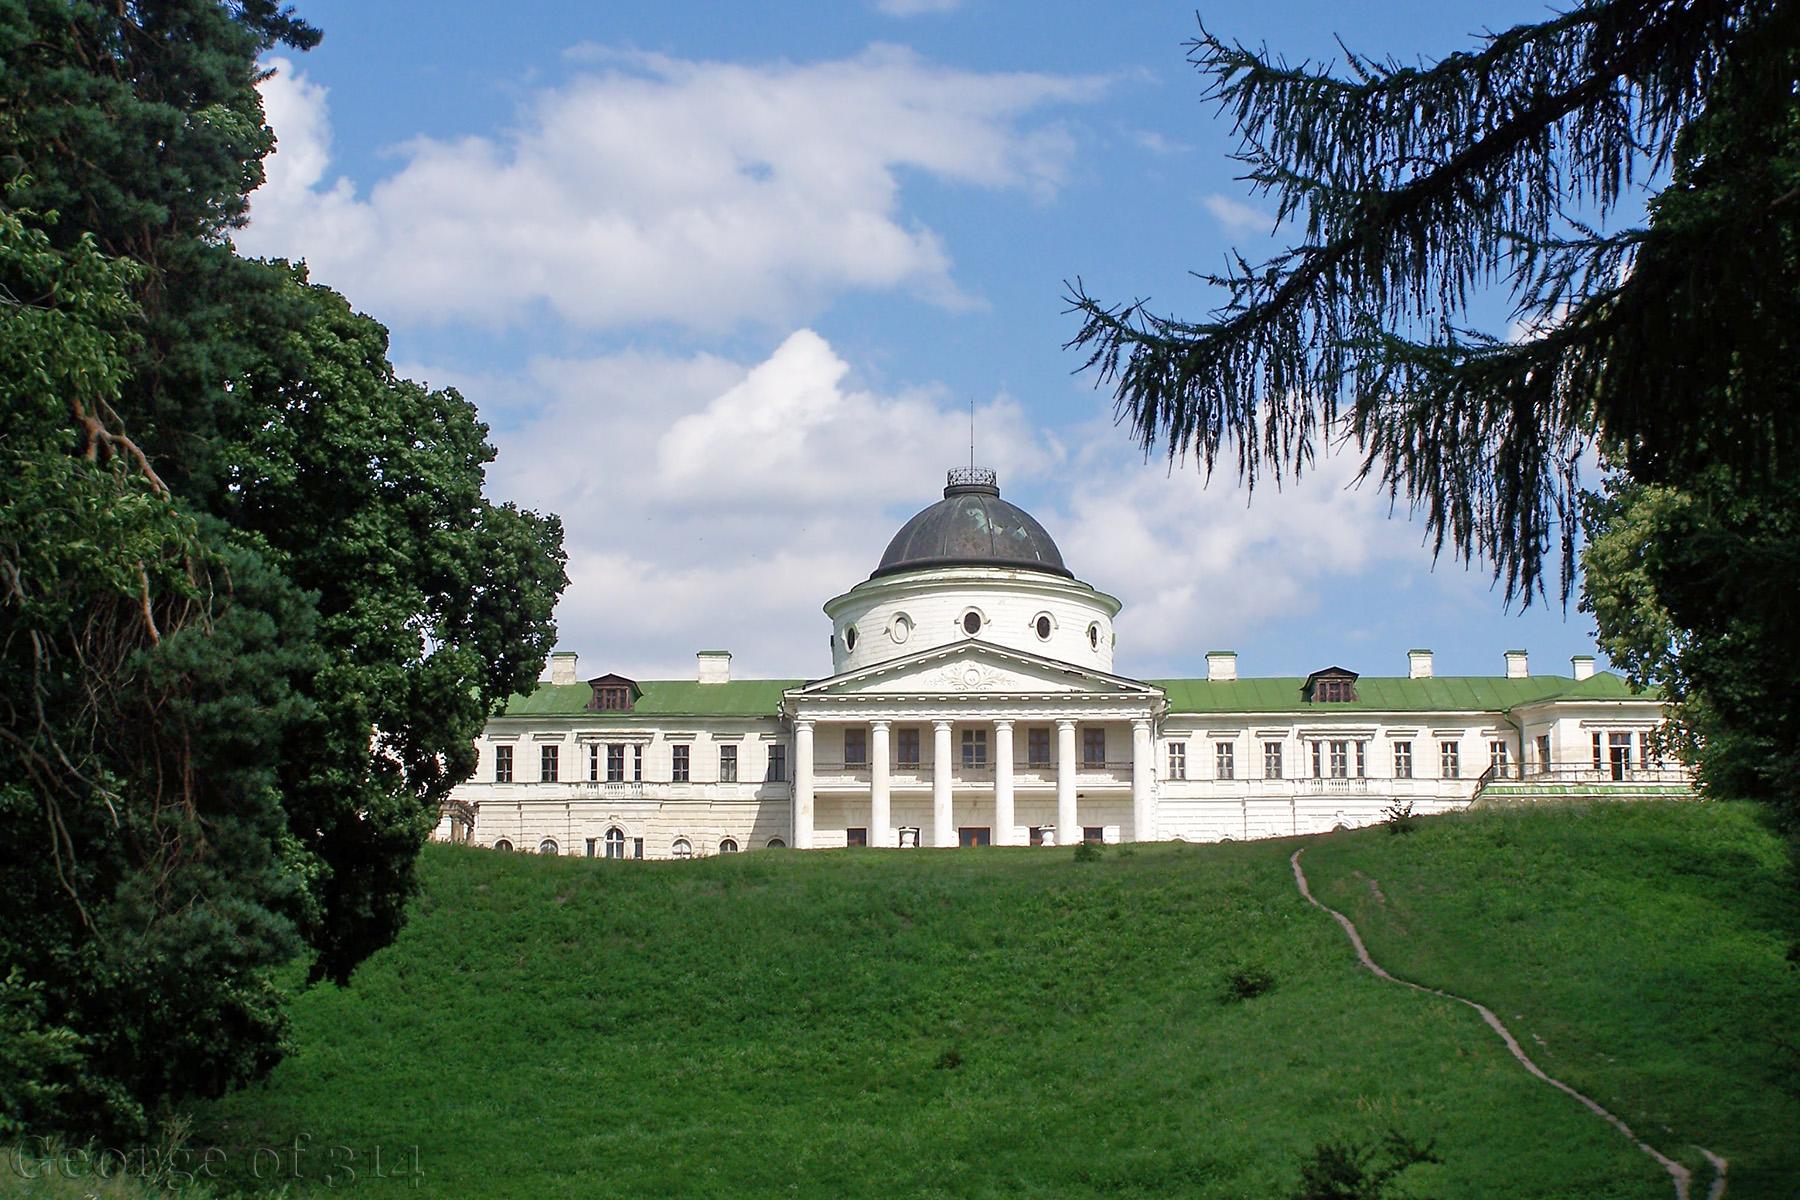 Качанівський палац, Чернігівська обл.